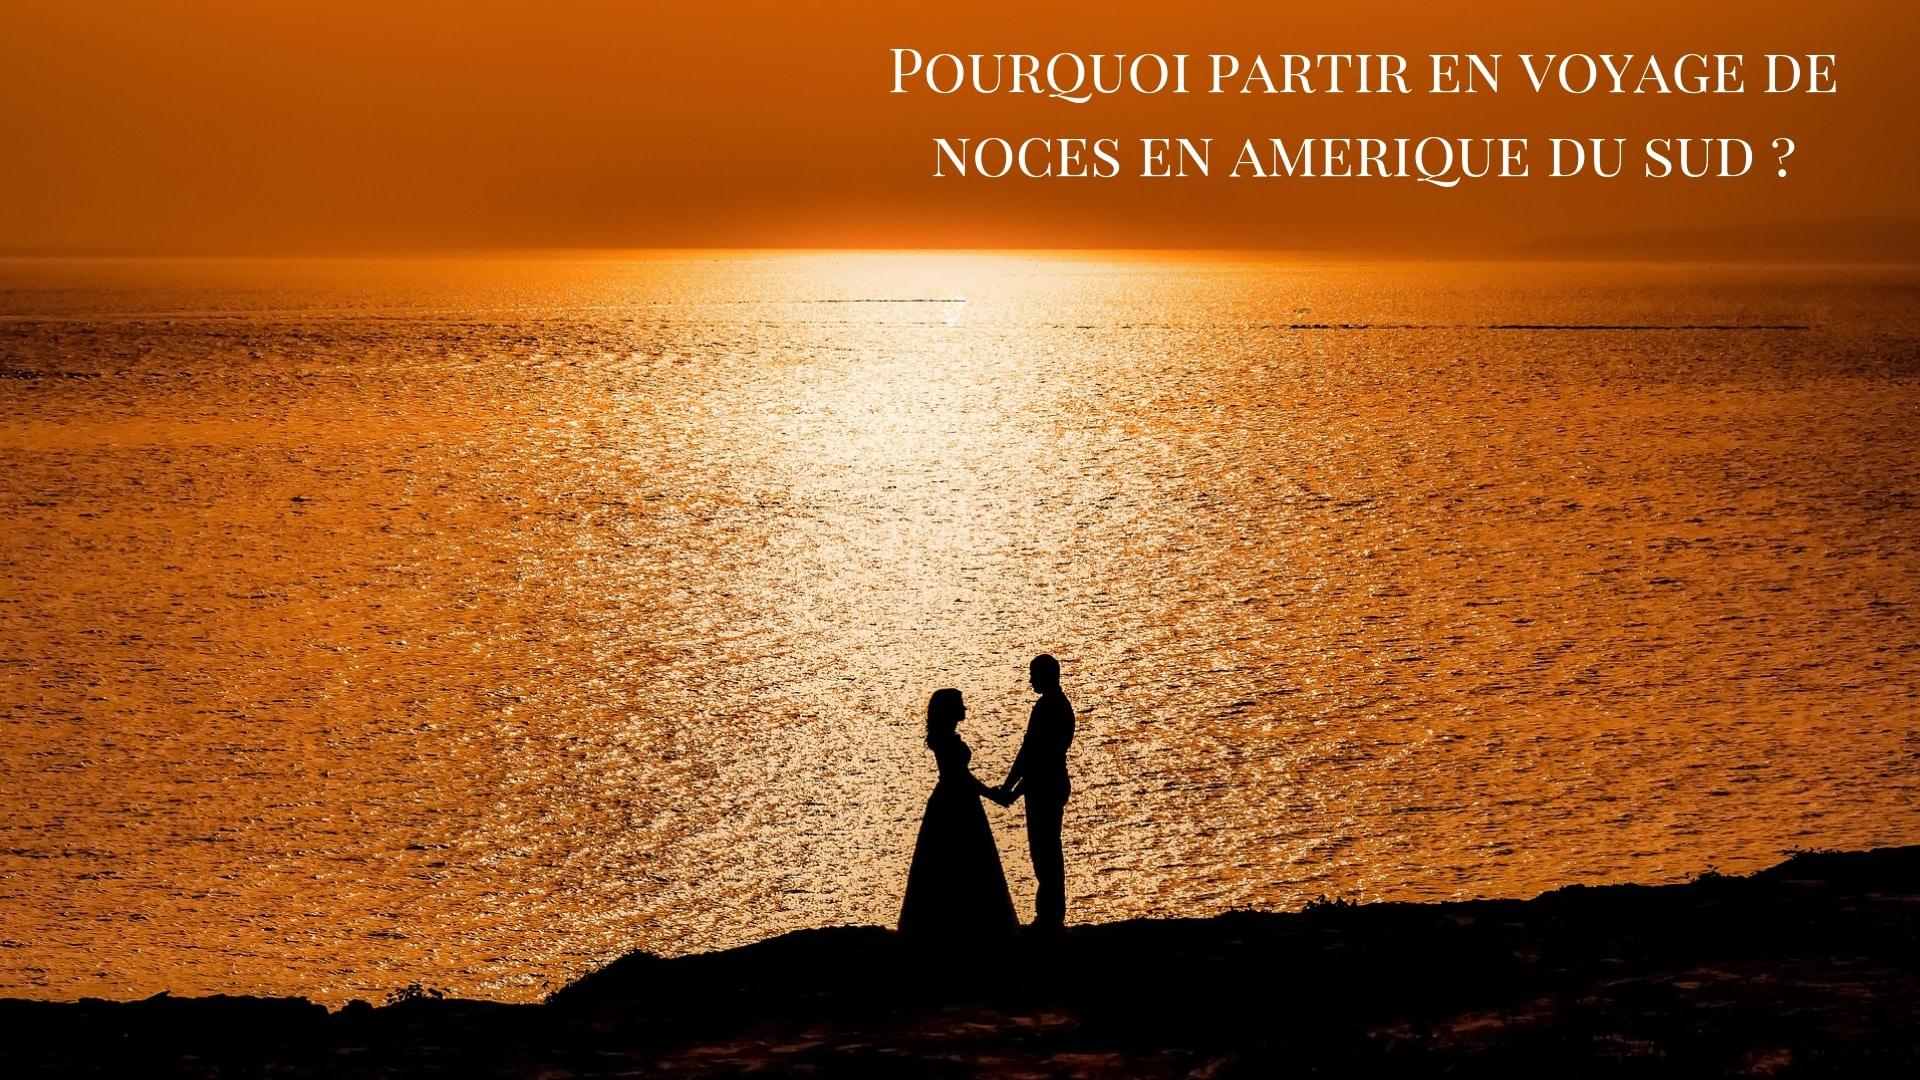 Voyages De Noces En Amerique Du Sud, Espaces Andins